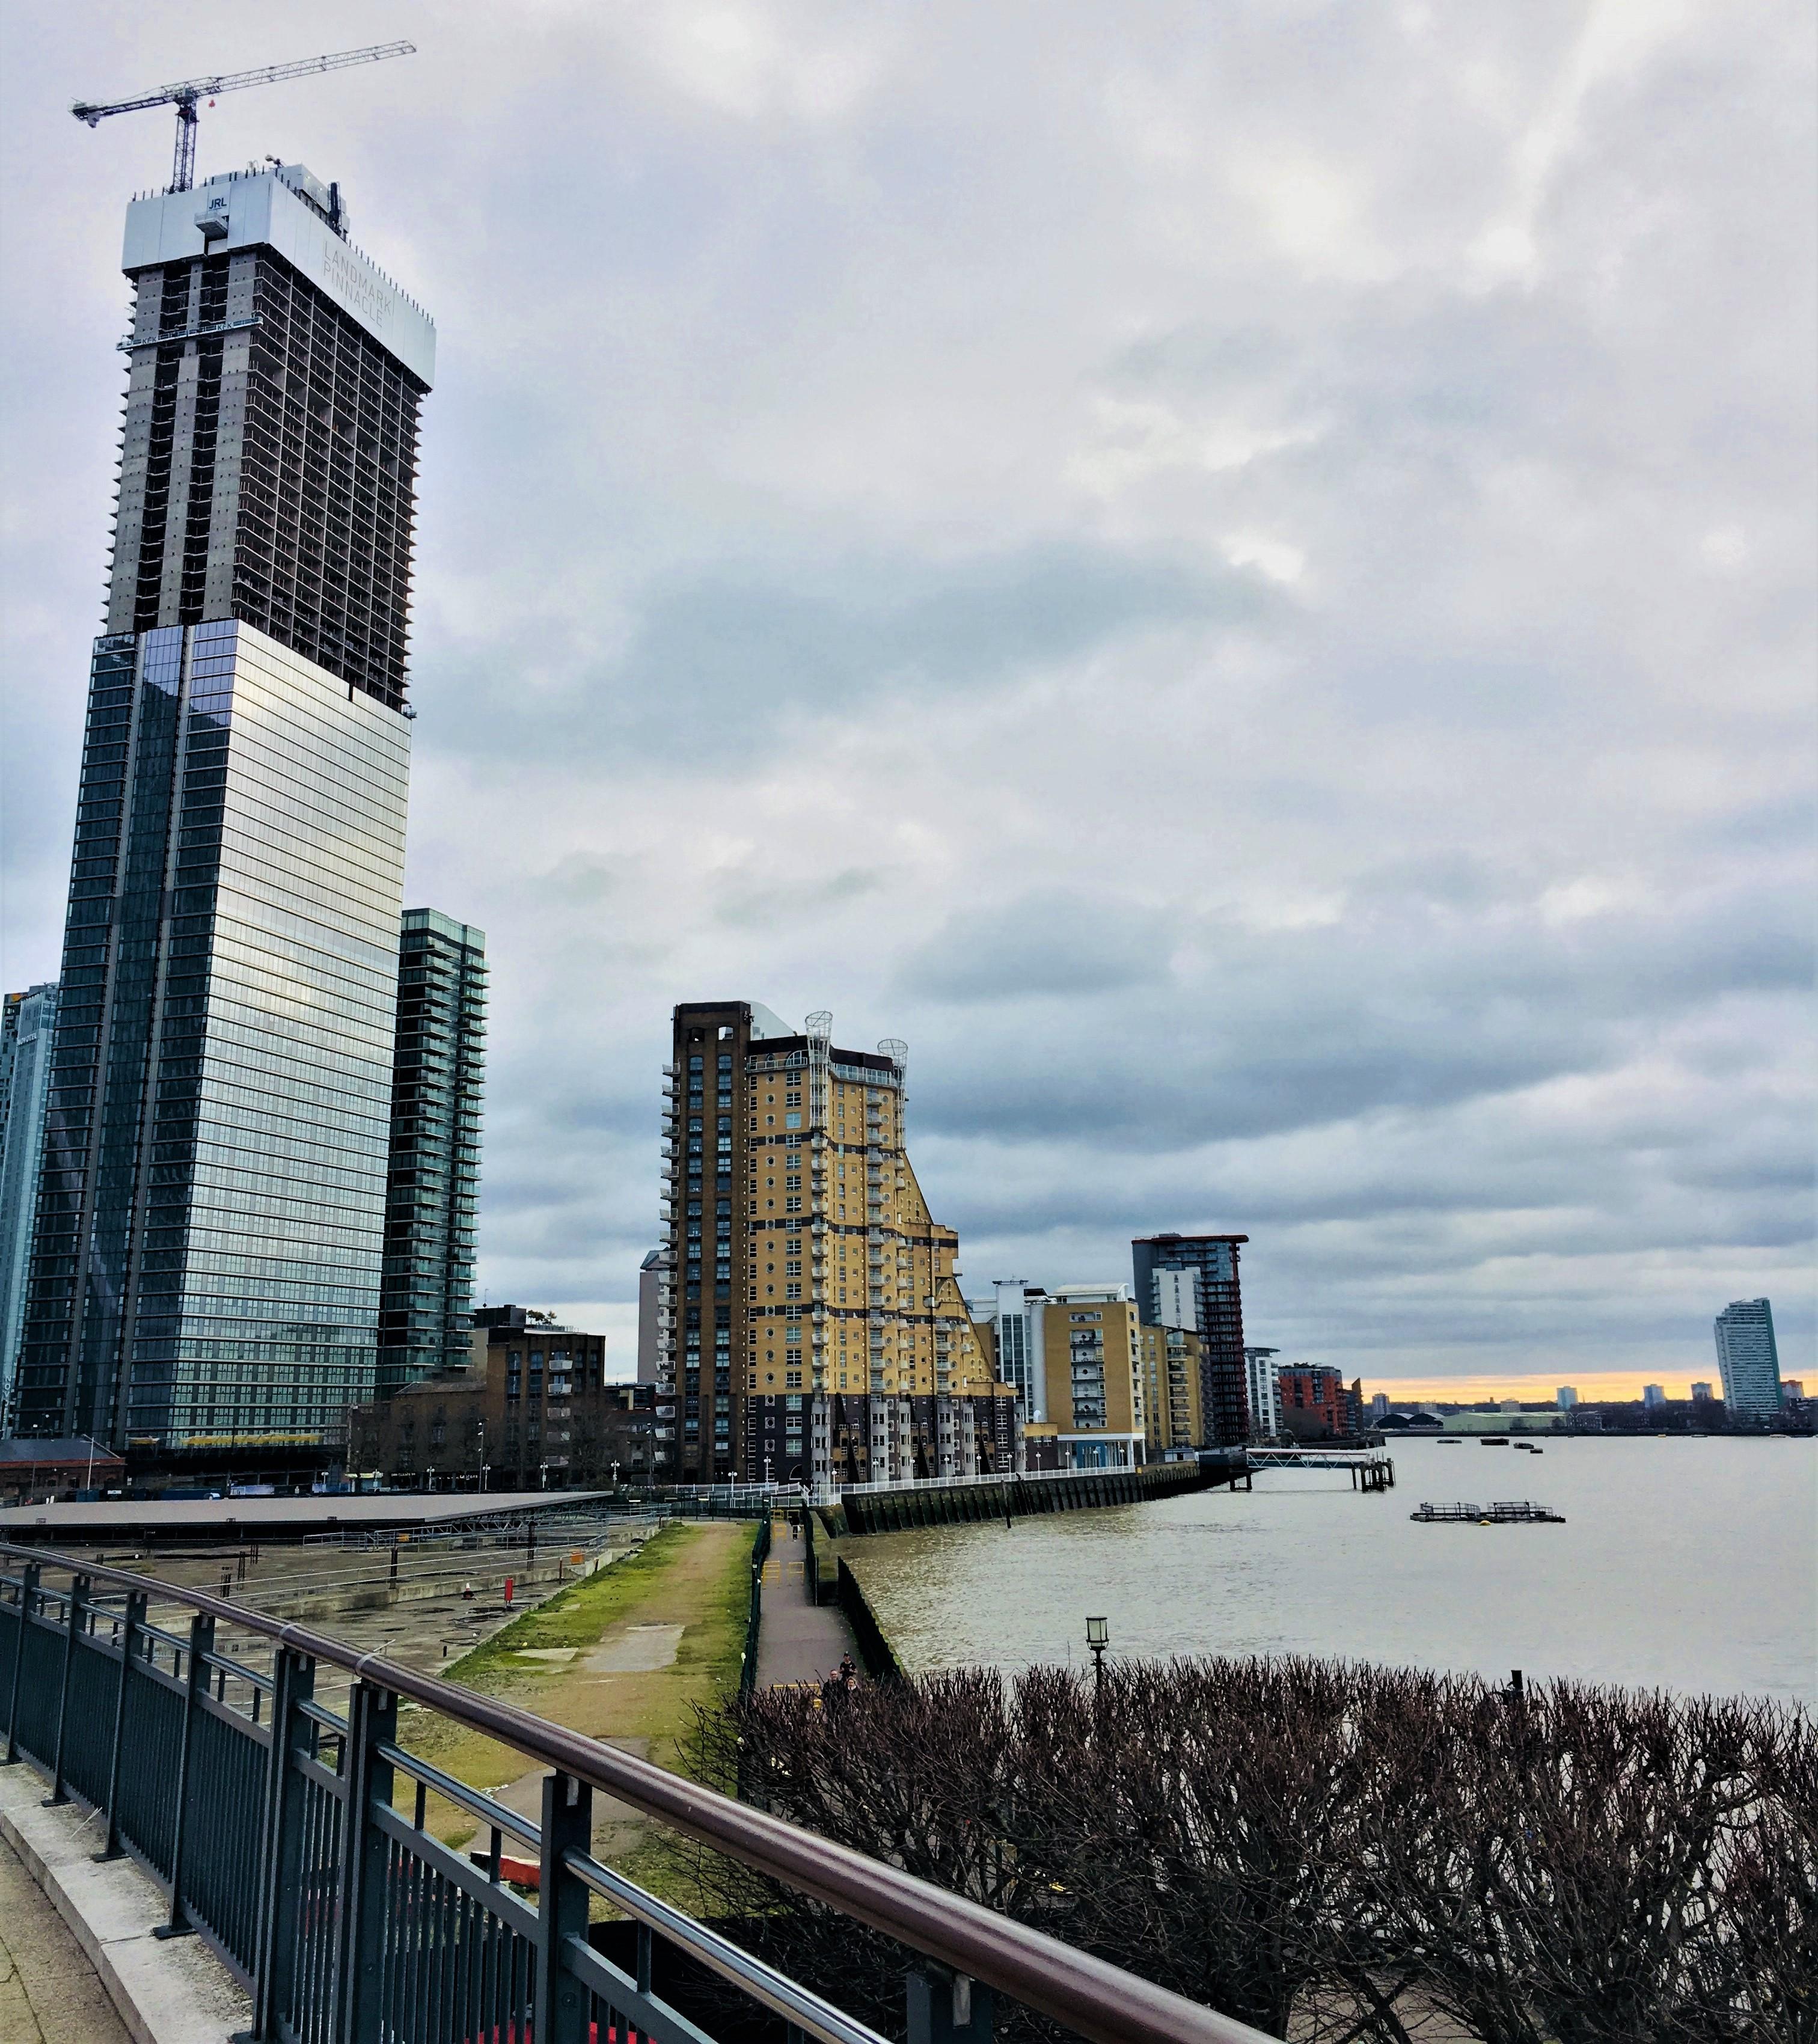 Landmark Pinnacle overlooking South Dock